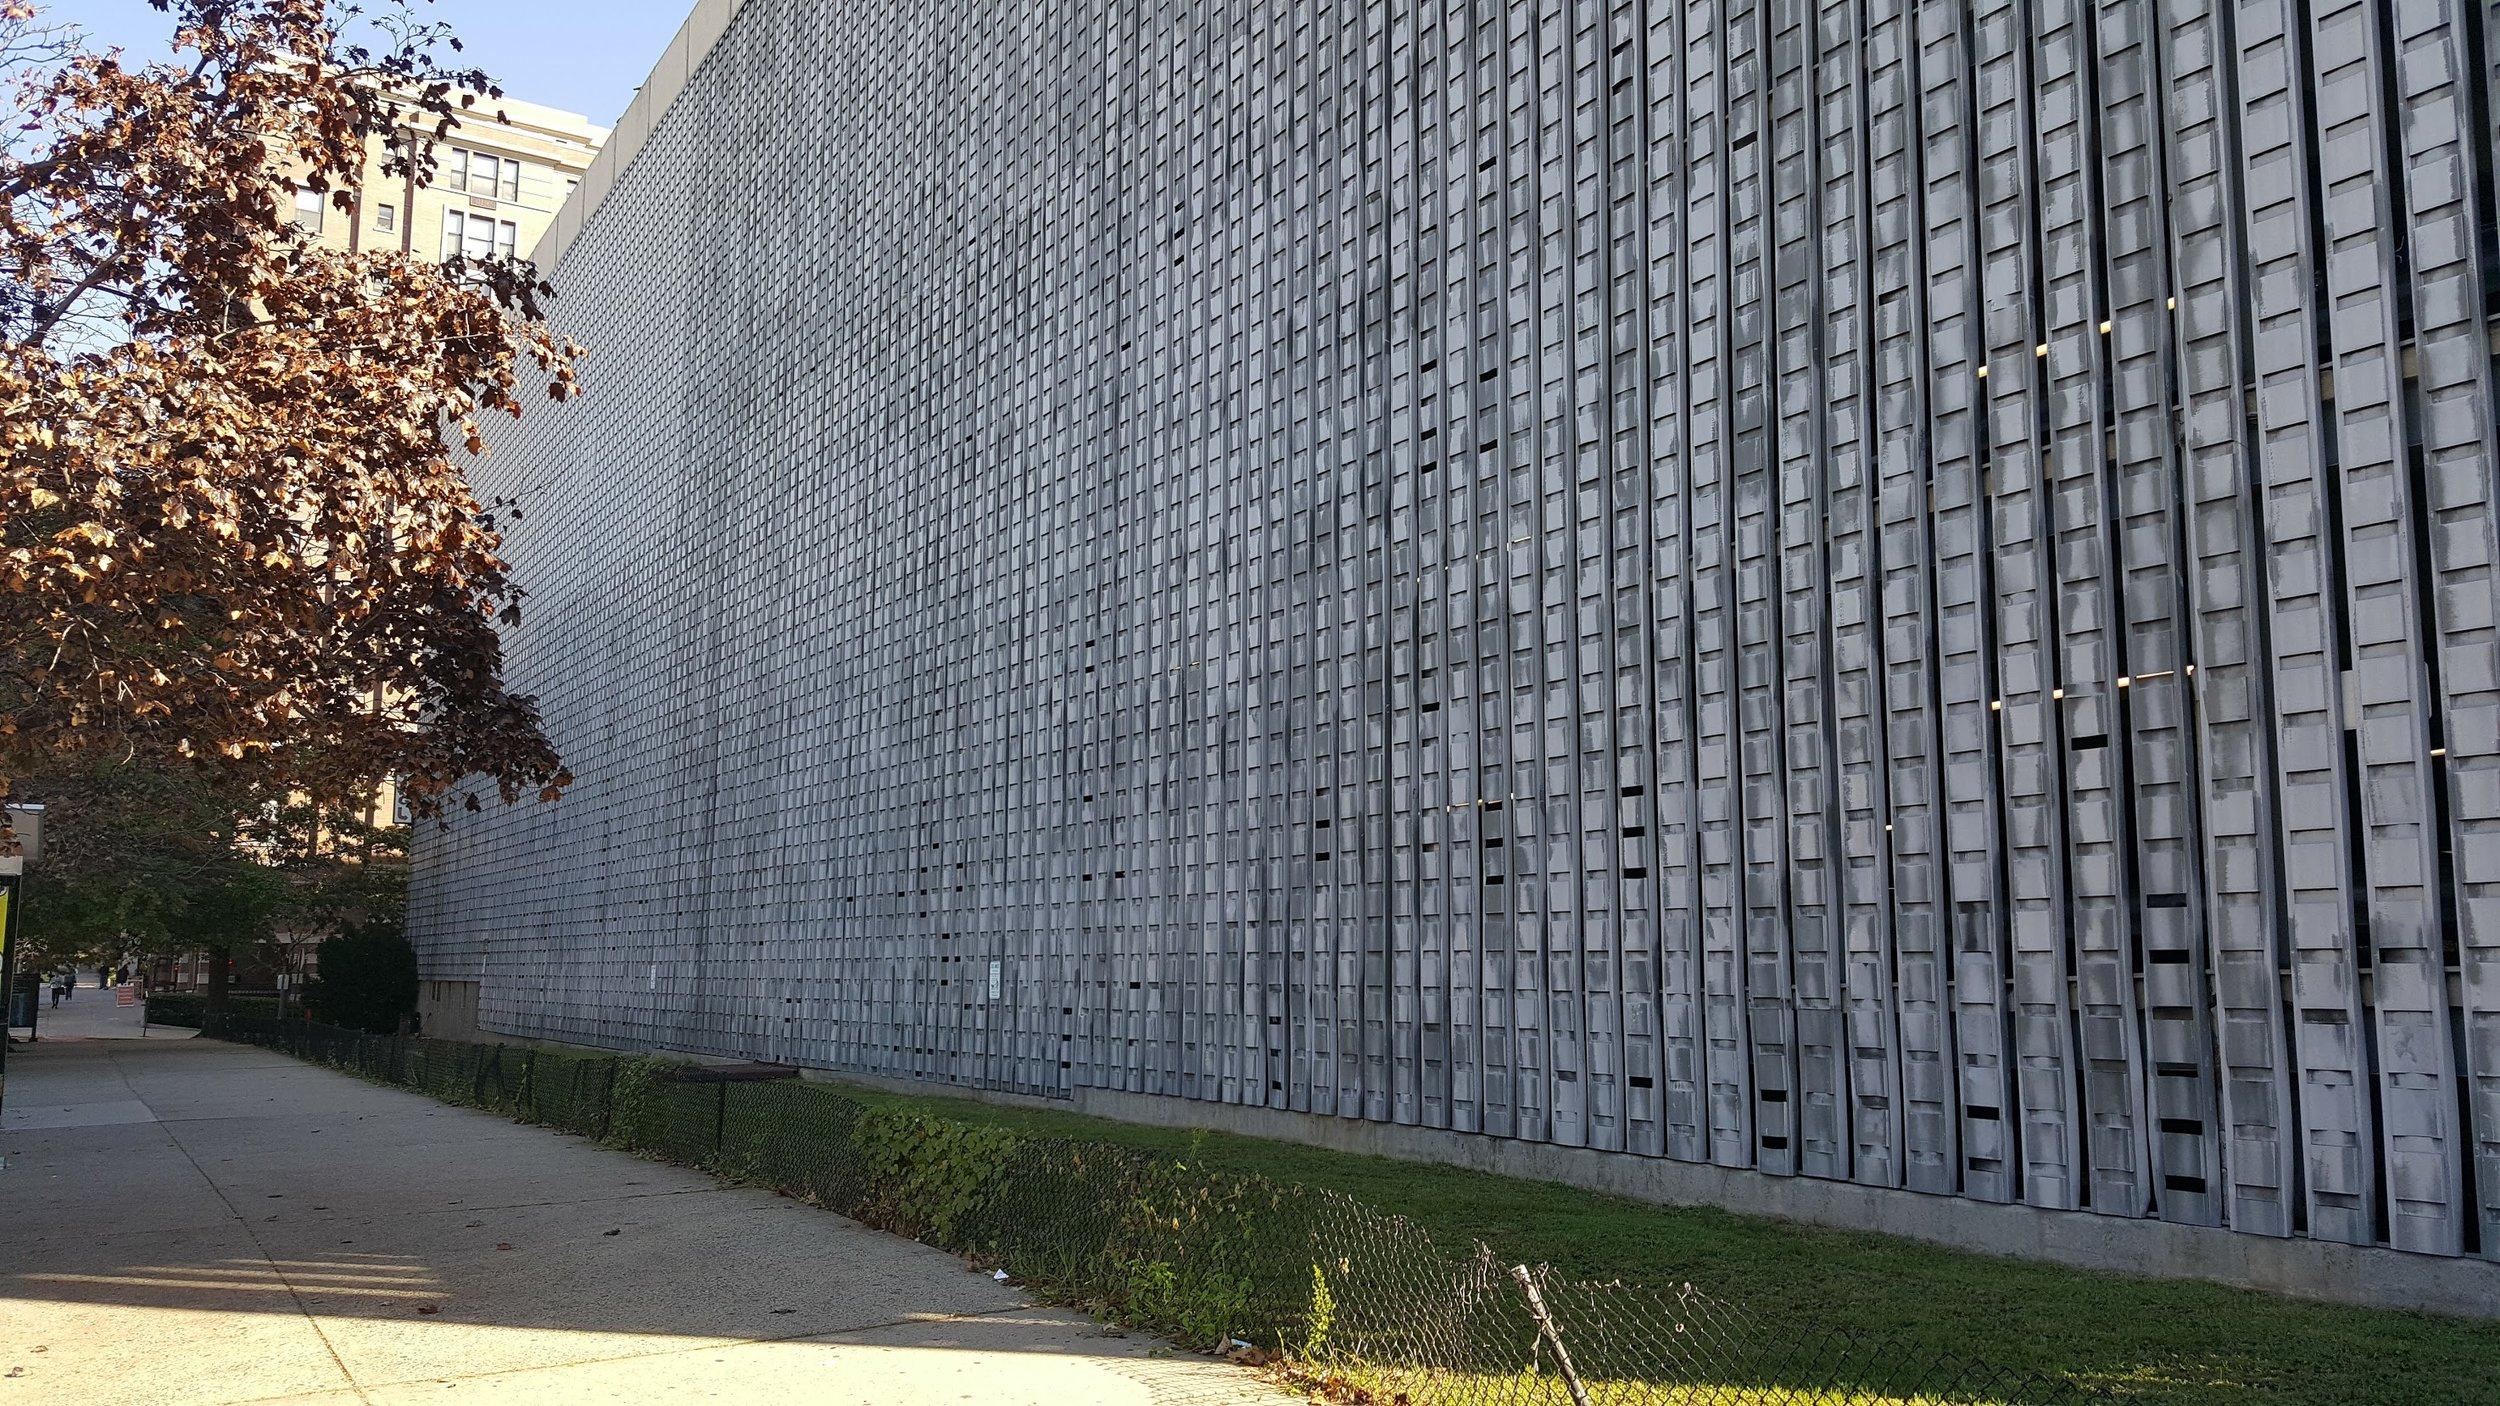 A bad parking garage in Hoboken, NJ that is one long blank wall.